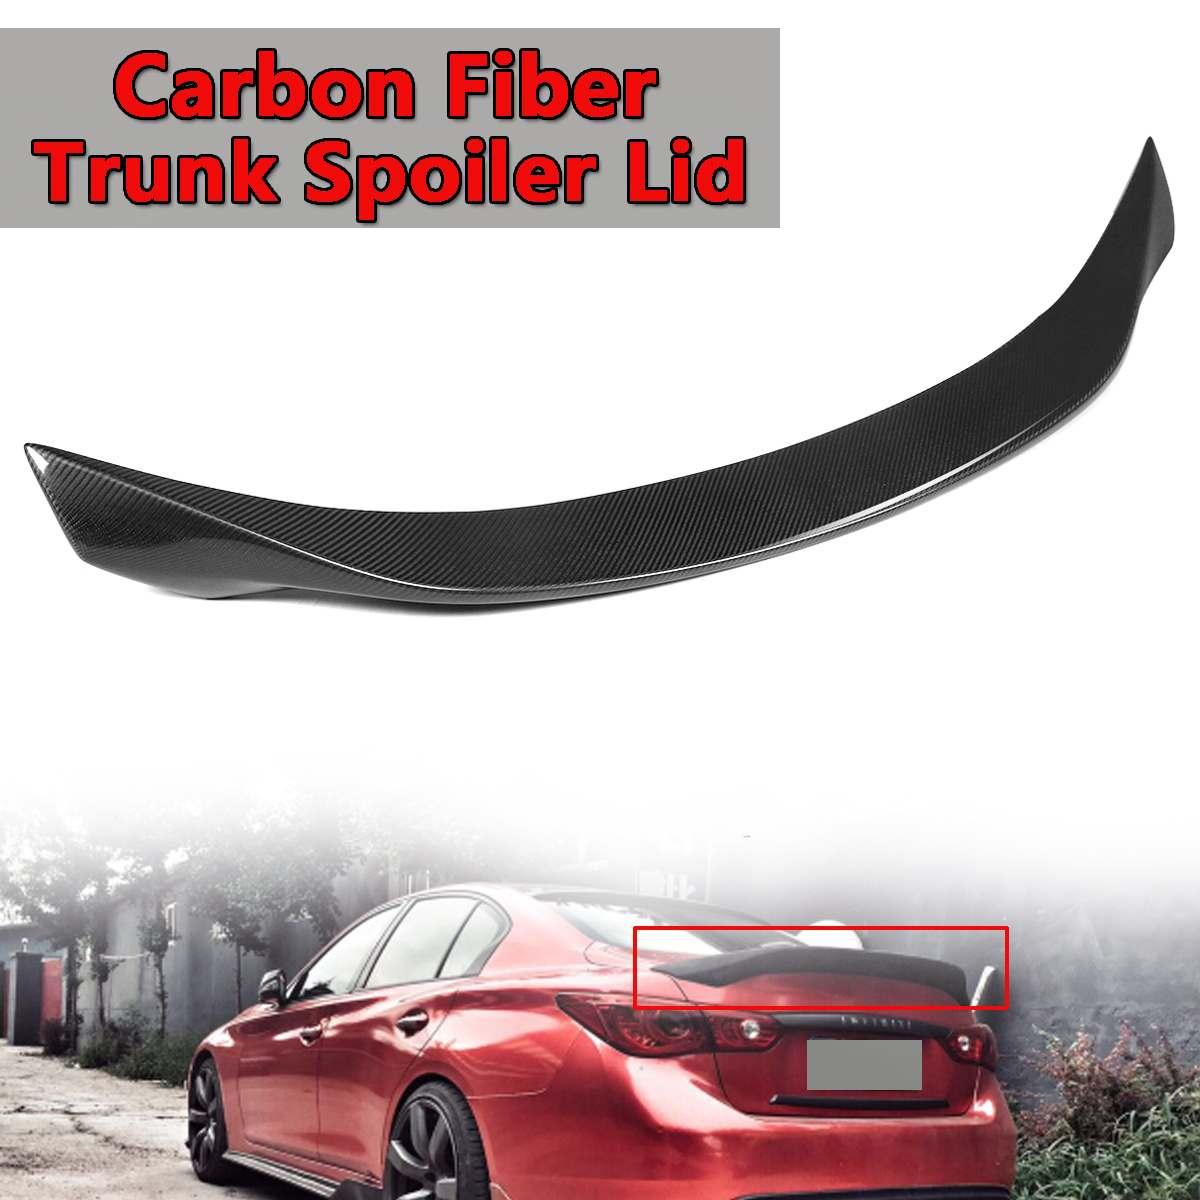 Nouveau véritable couvercle d'aile de Spoiler de coffre de voiture de Fiber de carbone pour Infiniti Q50 2014-2018 Highkick aluminium aileron d'aile arrière coffre arrière